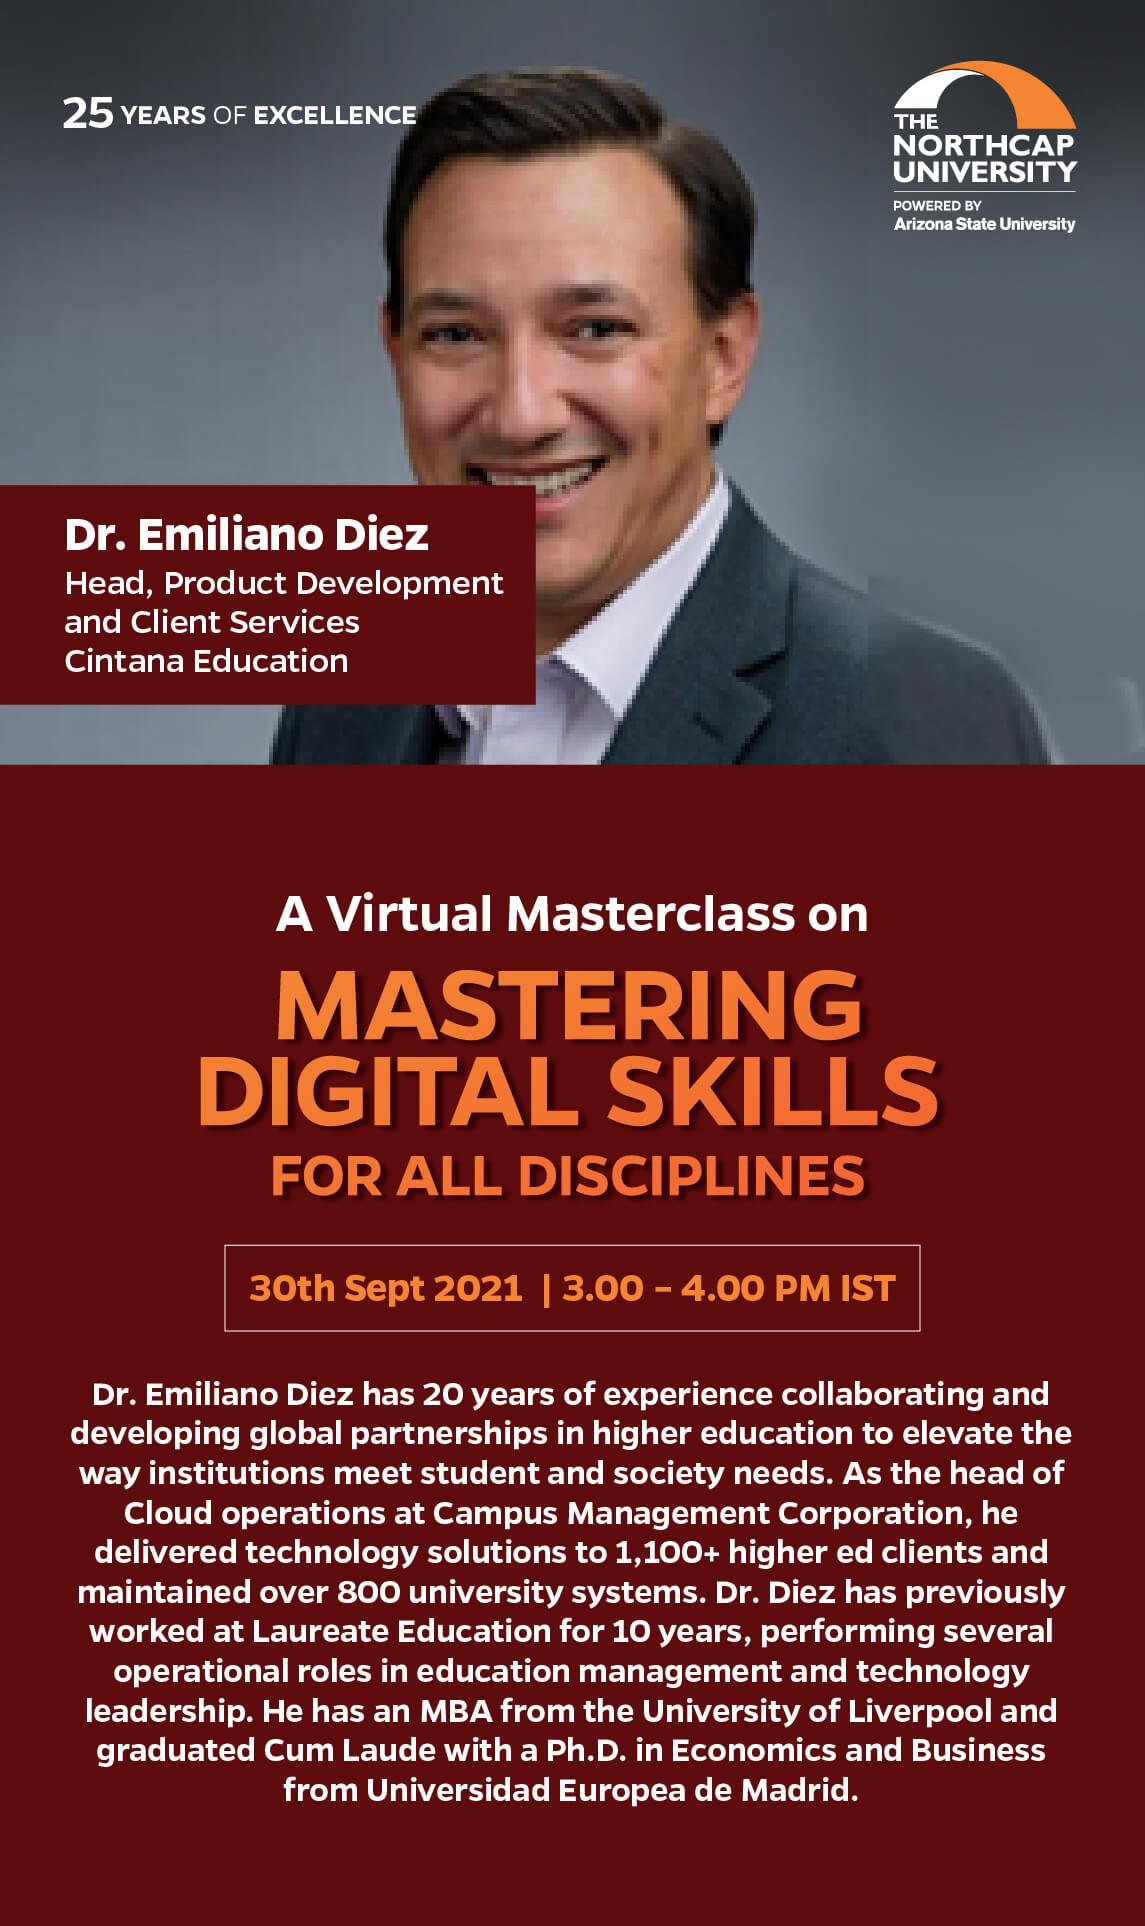 Mastering Digital Skills